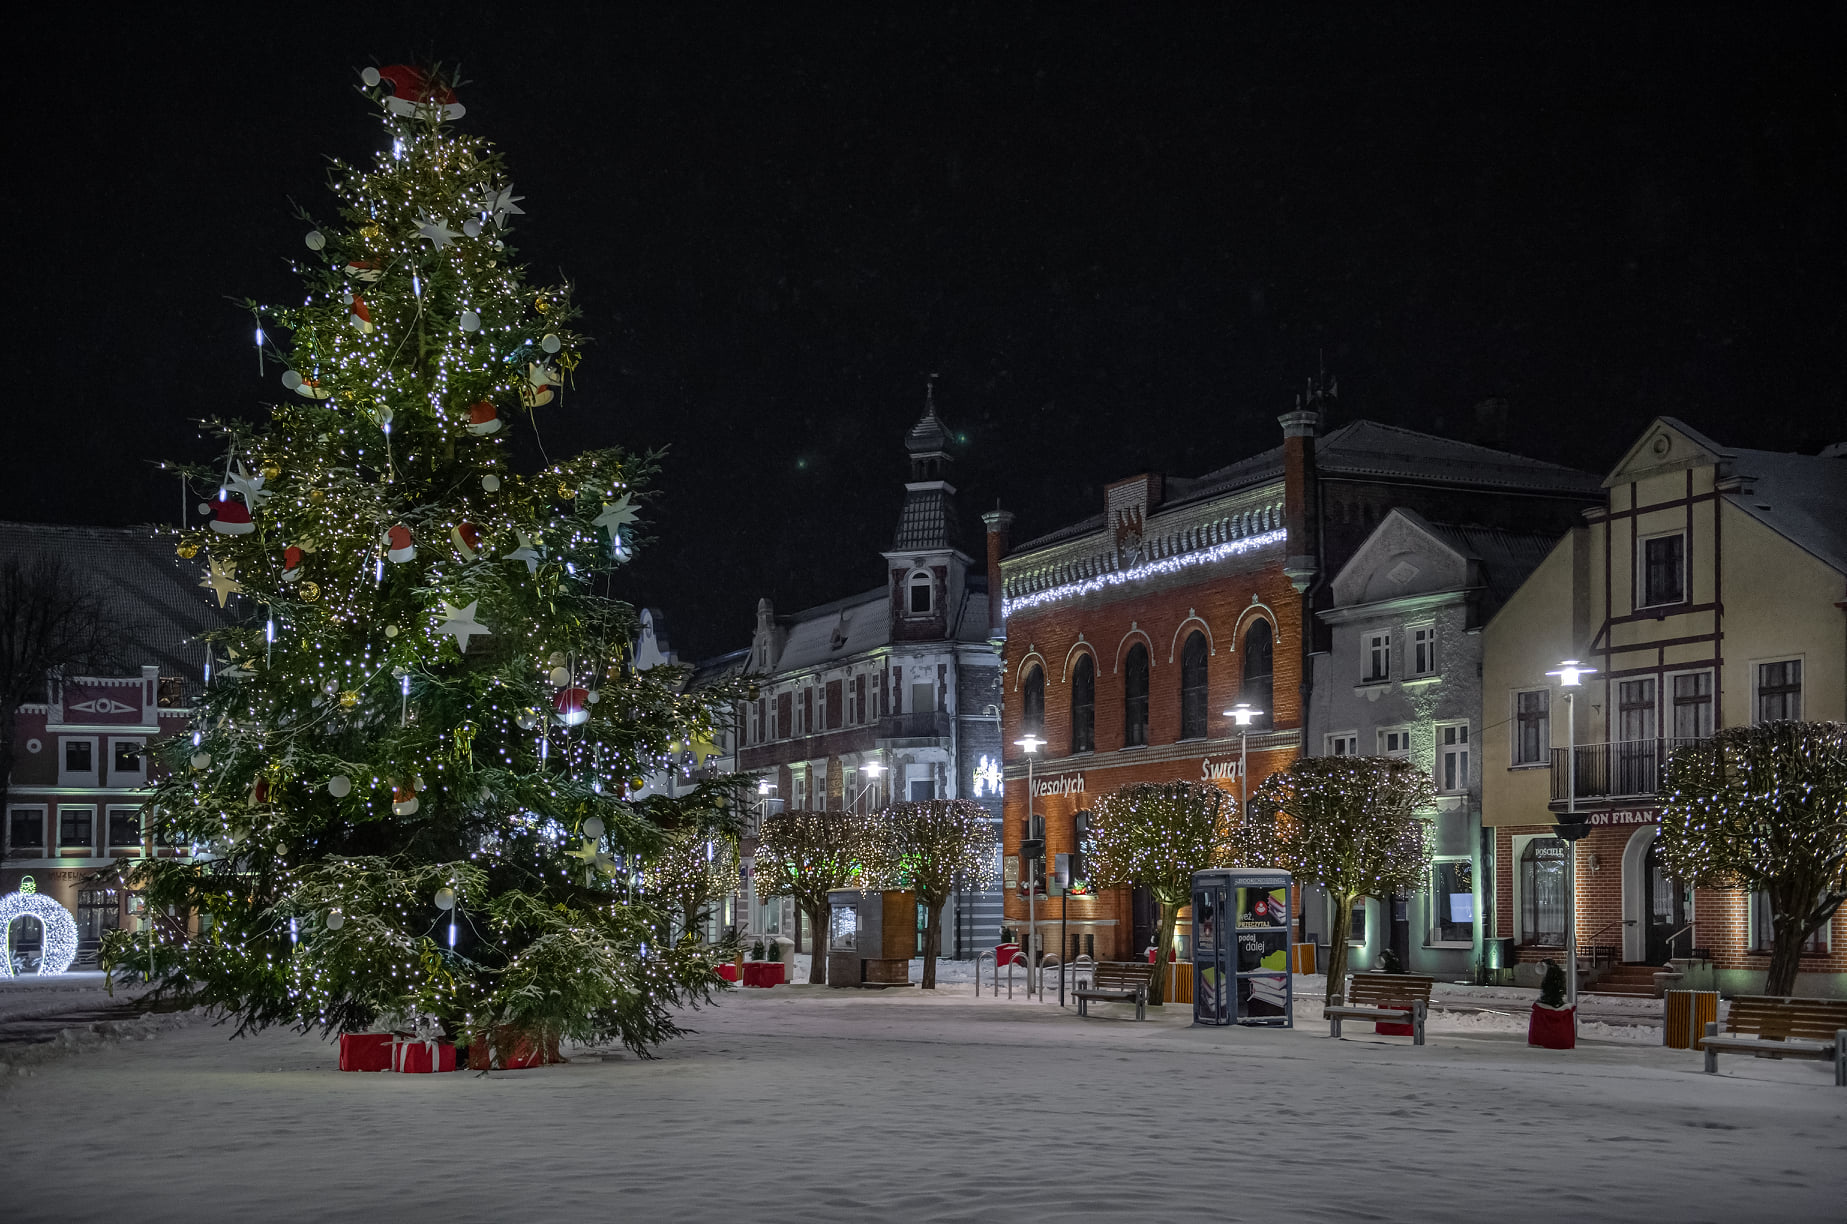 Foto Powiat Pucki: tak zimą 2021 prezentuje się nocny Puck. Pięknie? Pięknie! | ZDJĘCIA